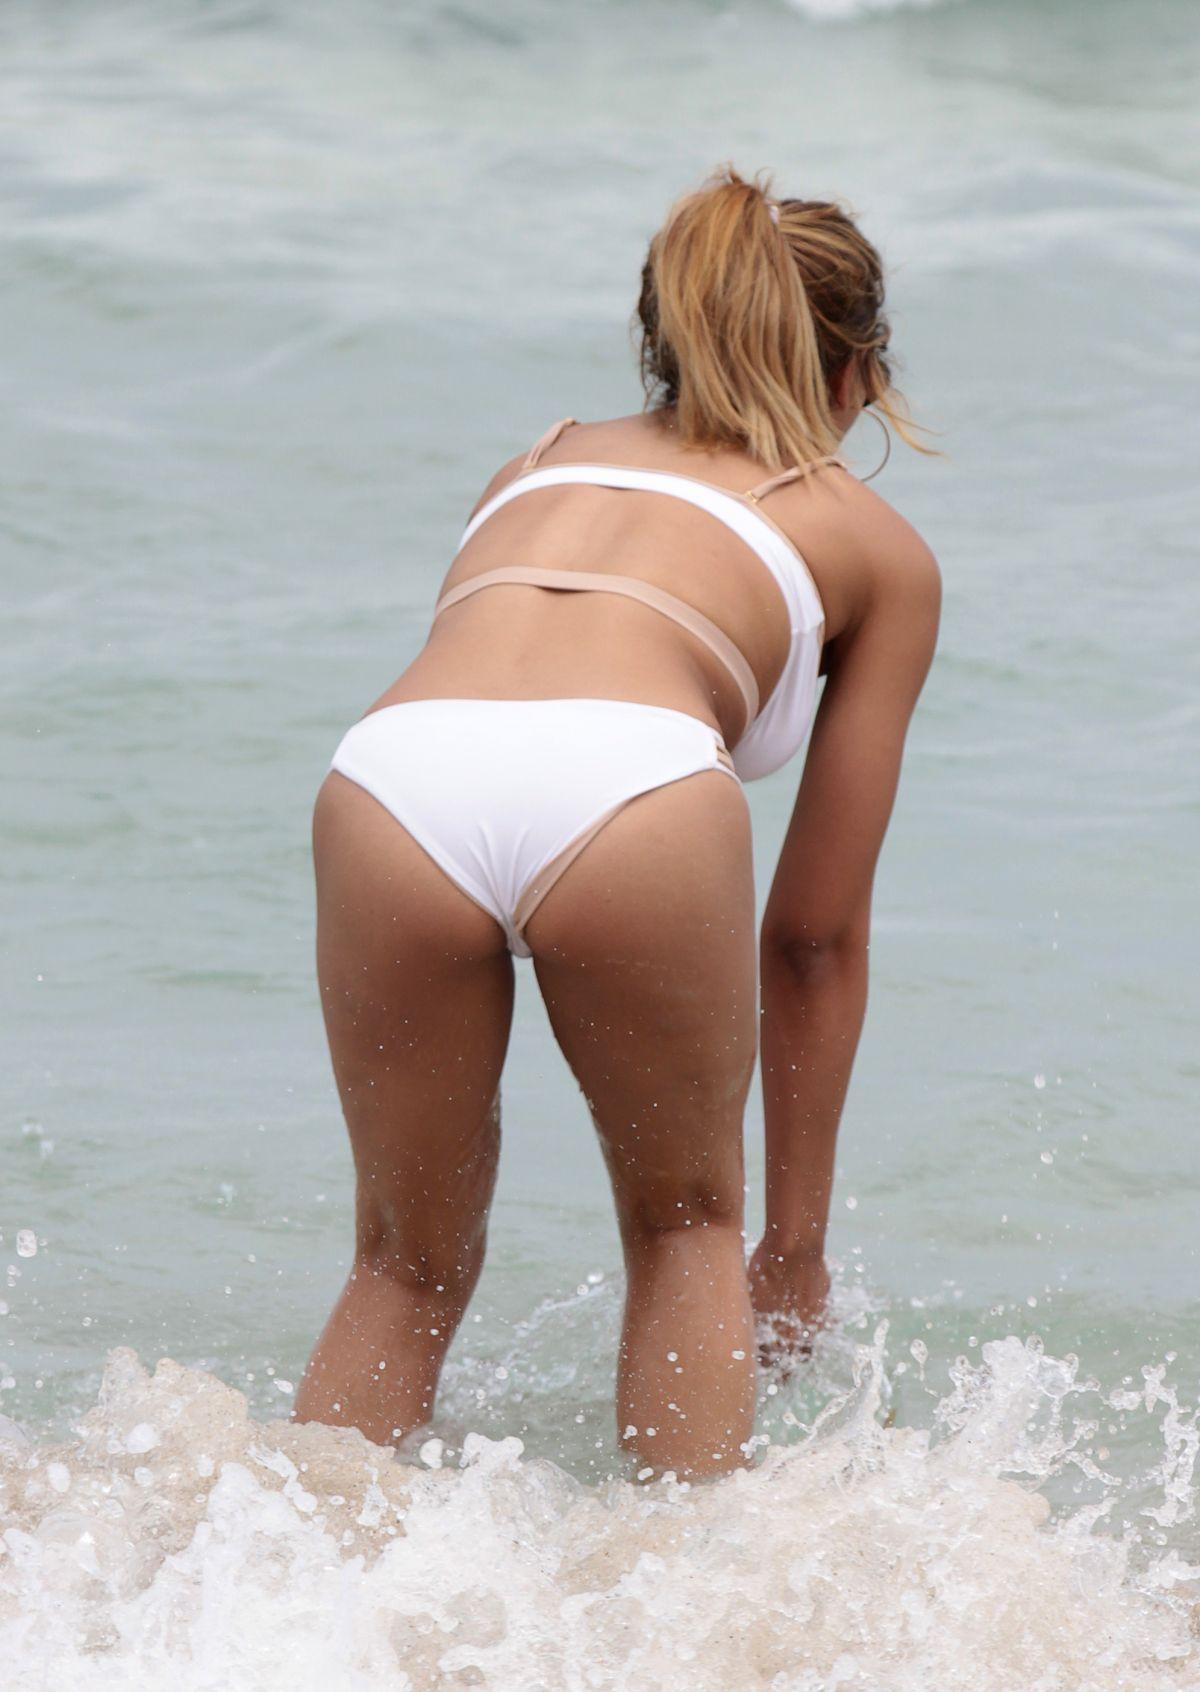 foto Tinashe miami in white bikini miami beach